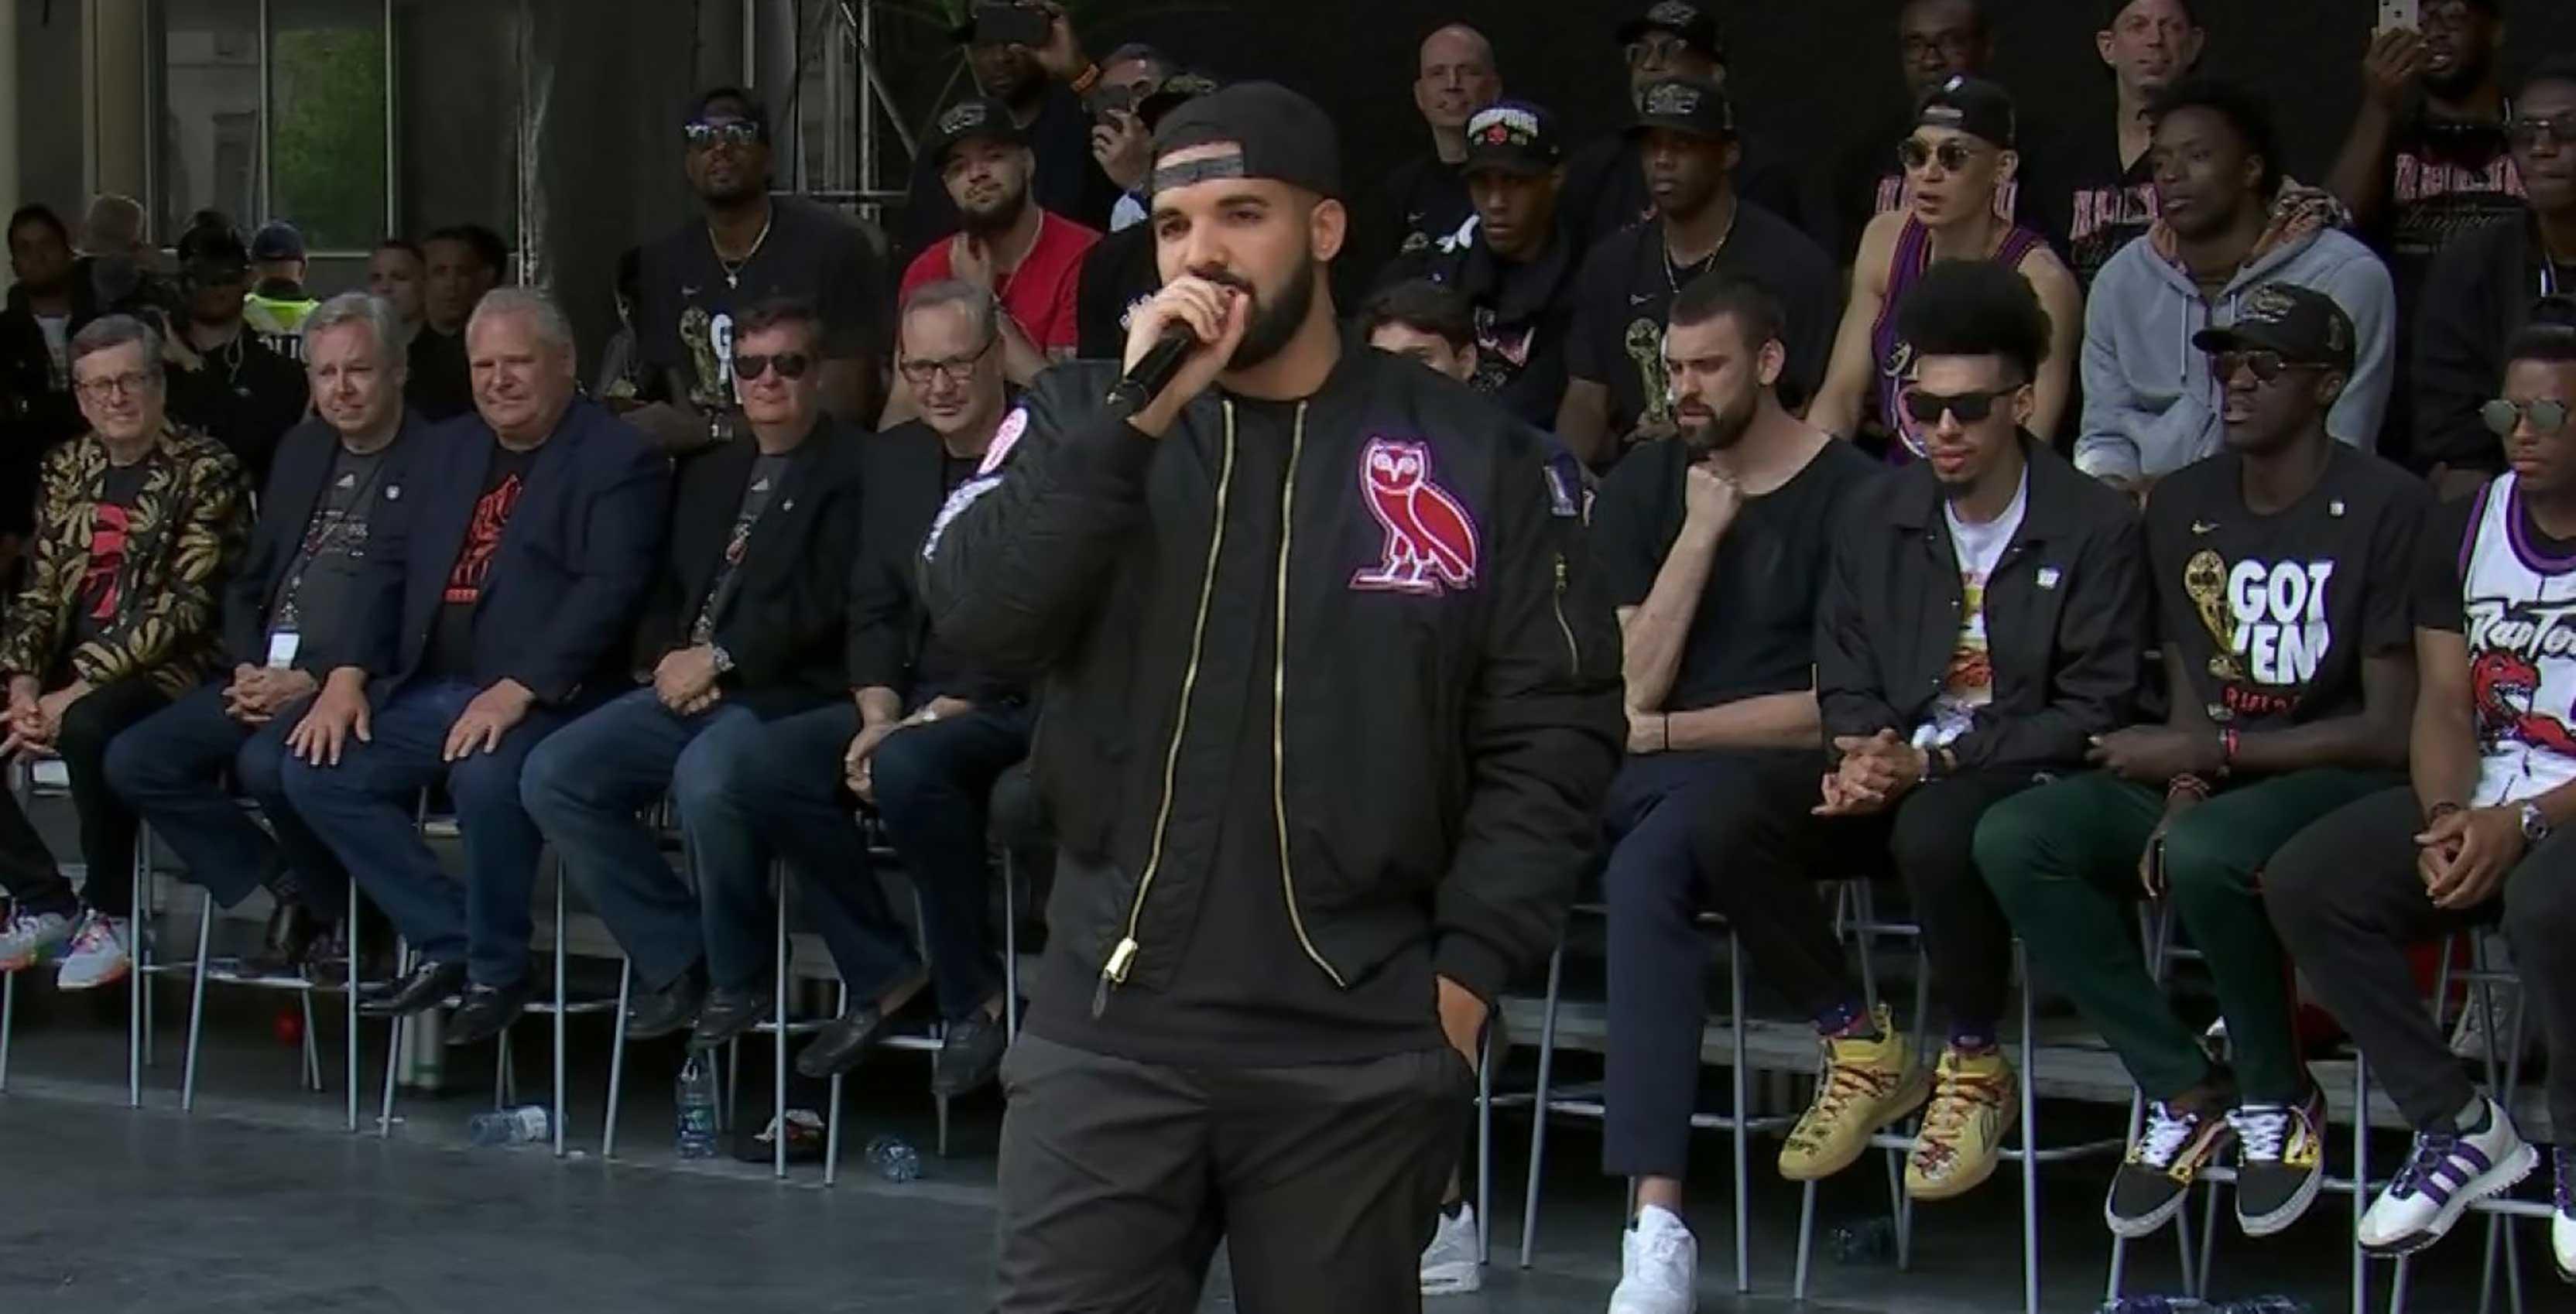 Drake Toronto Raptors parade